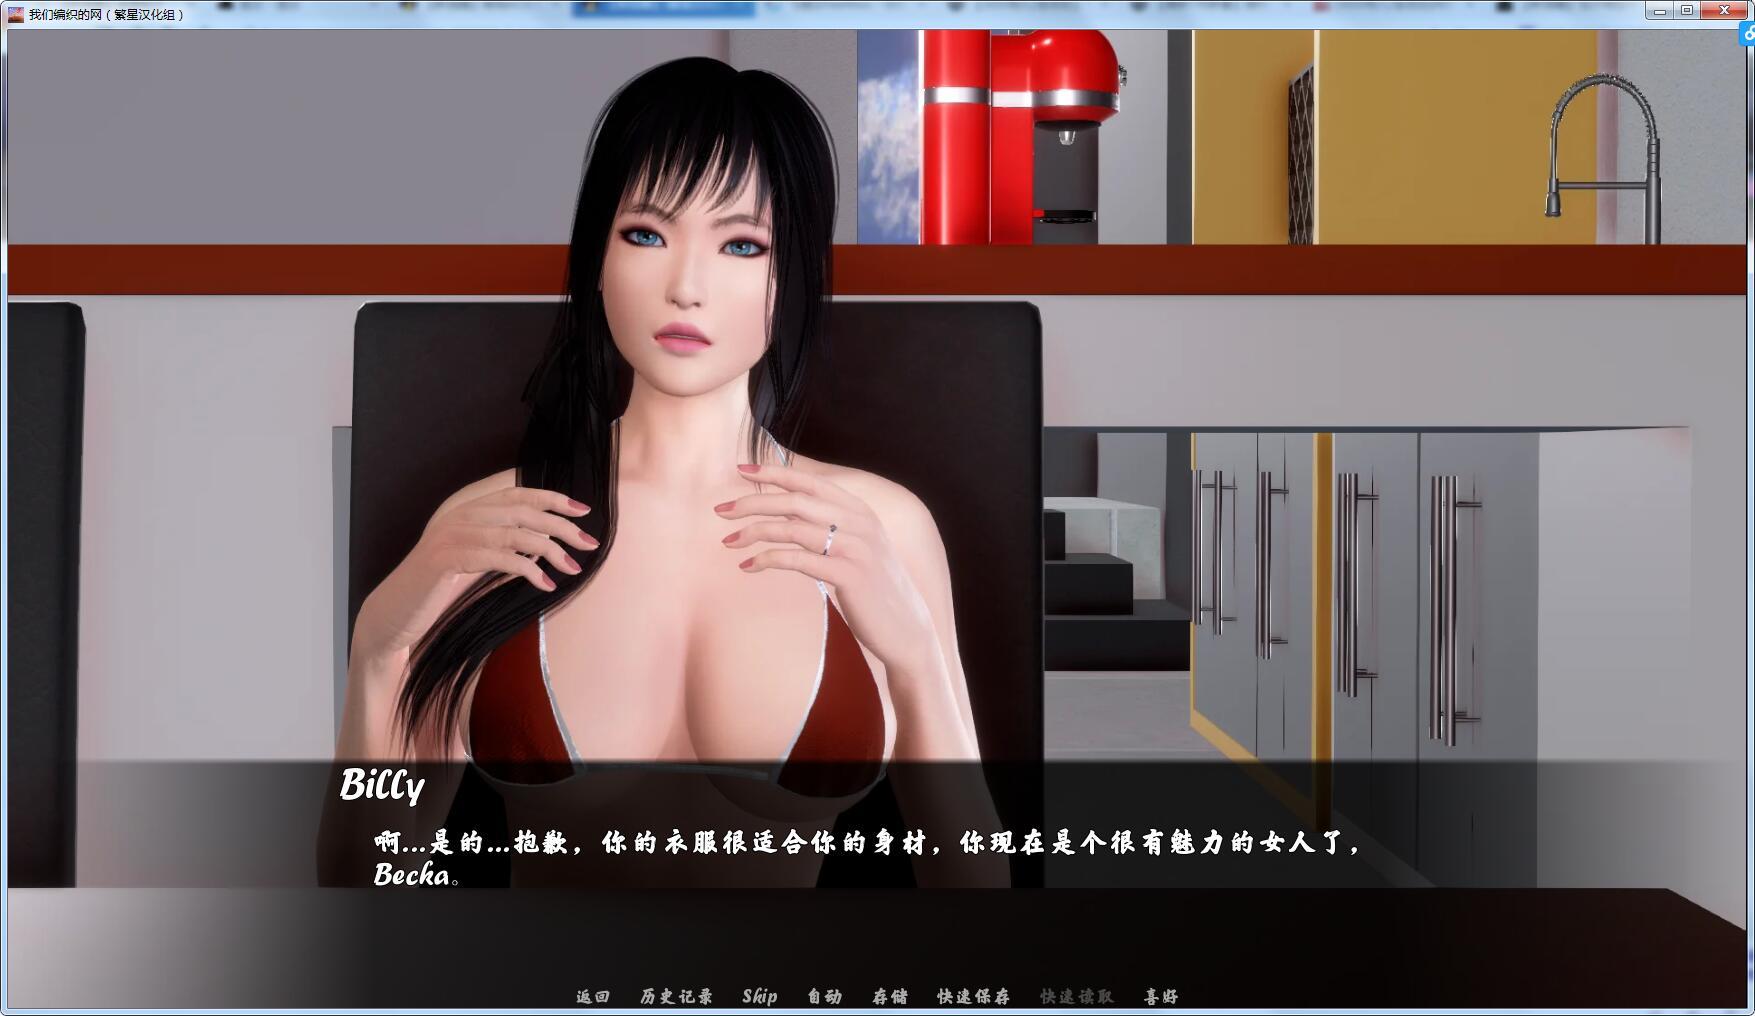 情感交织 V0.6 高压汉化版+全CG【SLG/汉化/动态CG/PC+安卓/500M】10-14-01